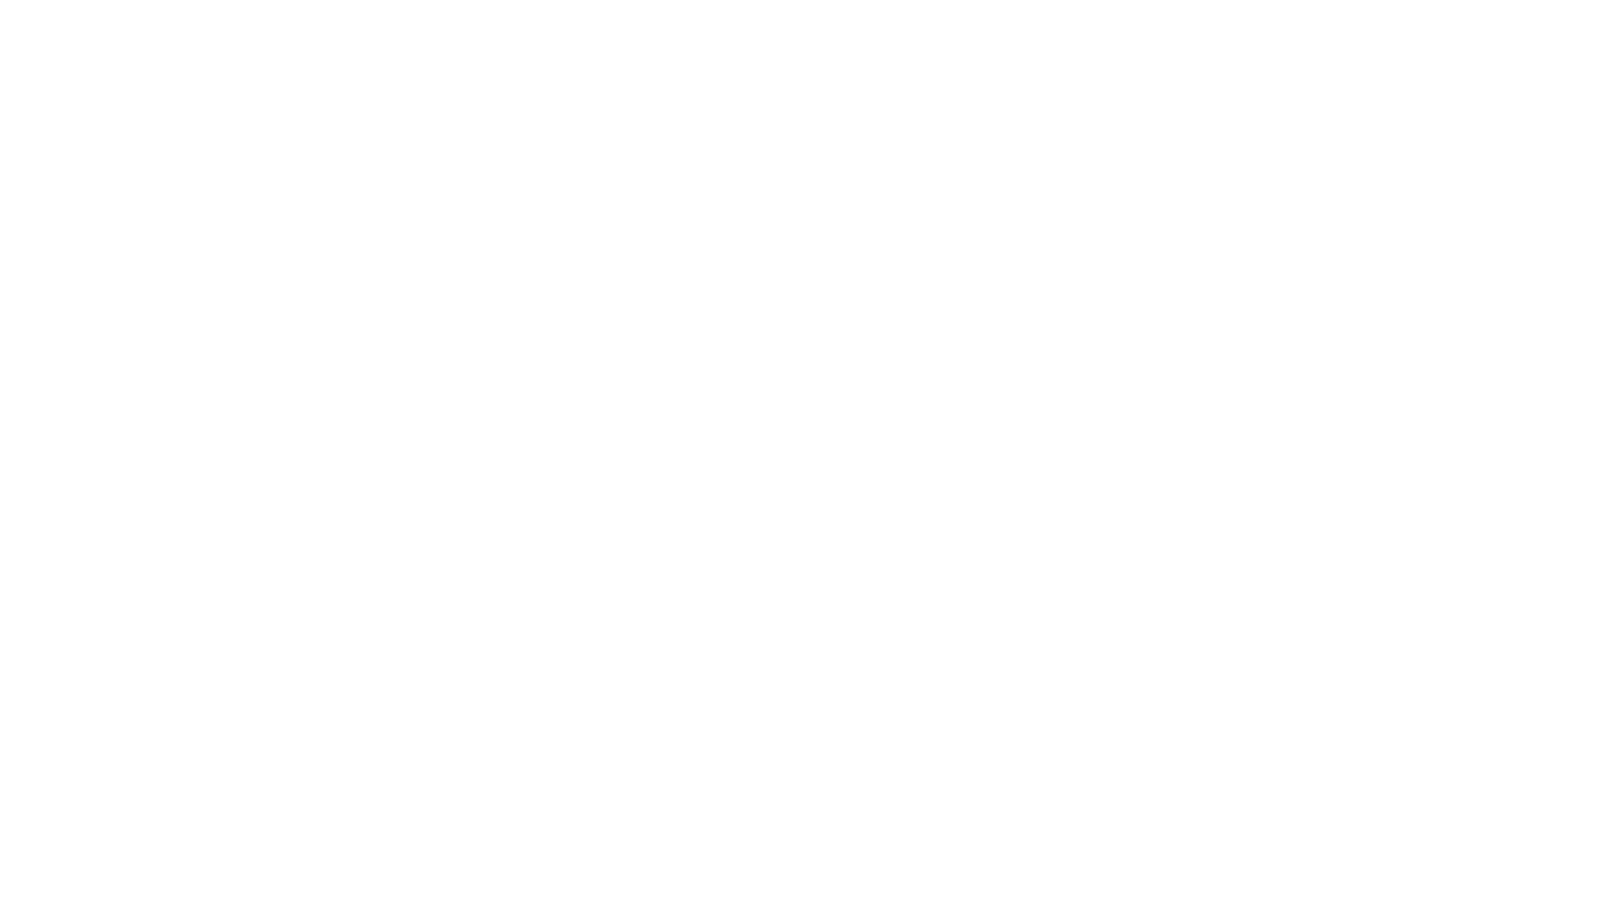 Partecipano: dott.ssa Patrizia Barbieri , sindaco di Piacenza - dott. Pierluigi Castagnetti, Presidente Fondazione Fossoli, già vicepresidente della Camera dei Deputati. Moderatore: prof.ssa Cara Danani, docente di Filosofia presso Università degli Studi di Macerata Ospiti in studio: - dott. Enrico Corti, Cives - prof. Marco Senaldi, docente di filosofia - Maria Elena Conta, studentessa